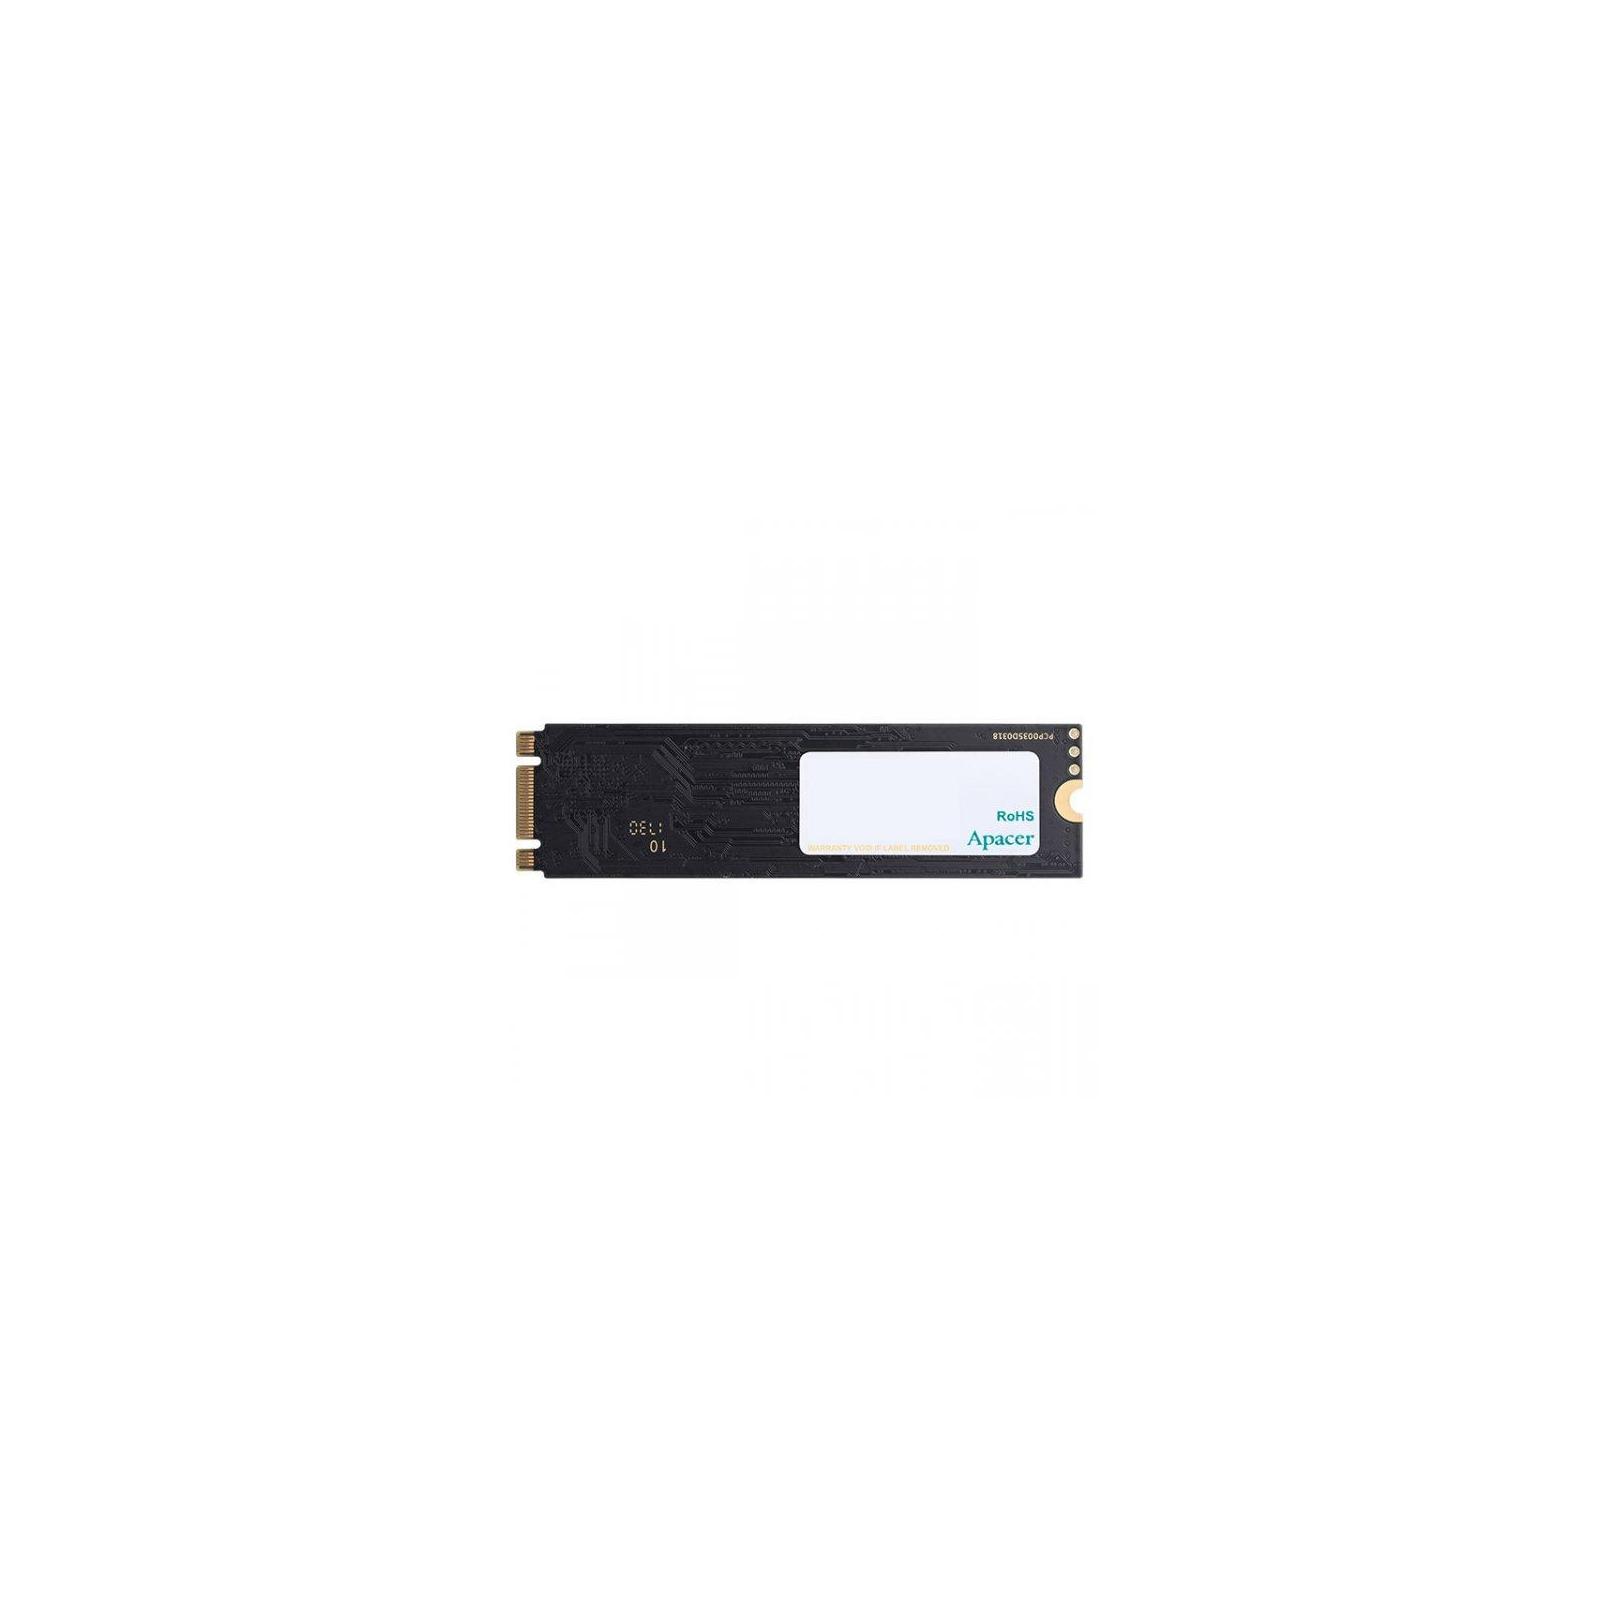 Накопитель SSD M.2 2280 480GB Apacer (AP480GAS2280P2-1) изображение 2